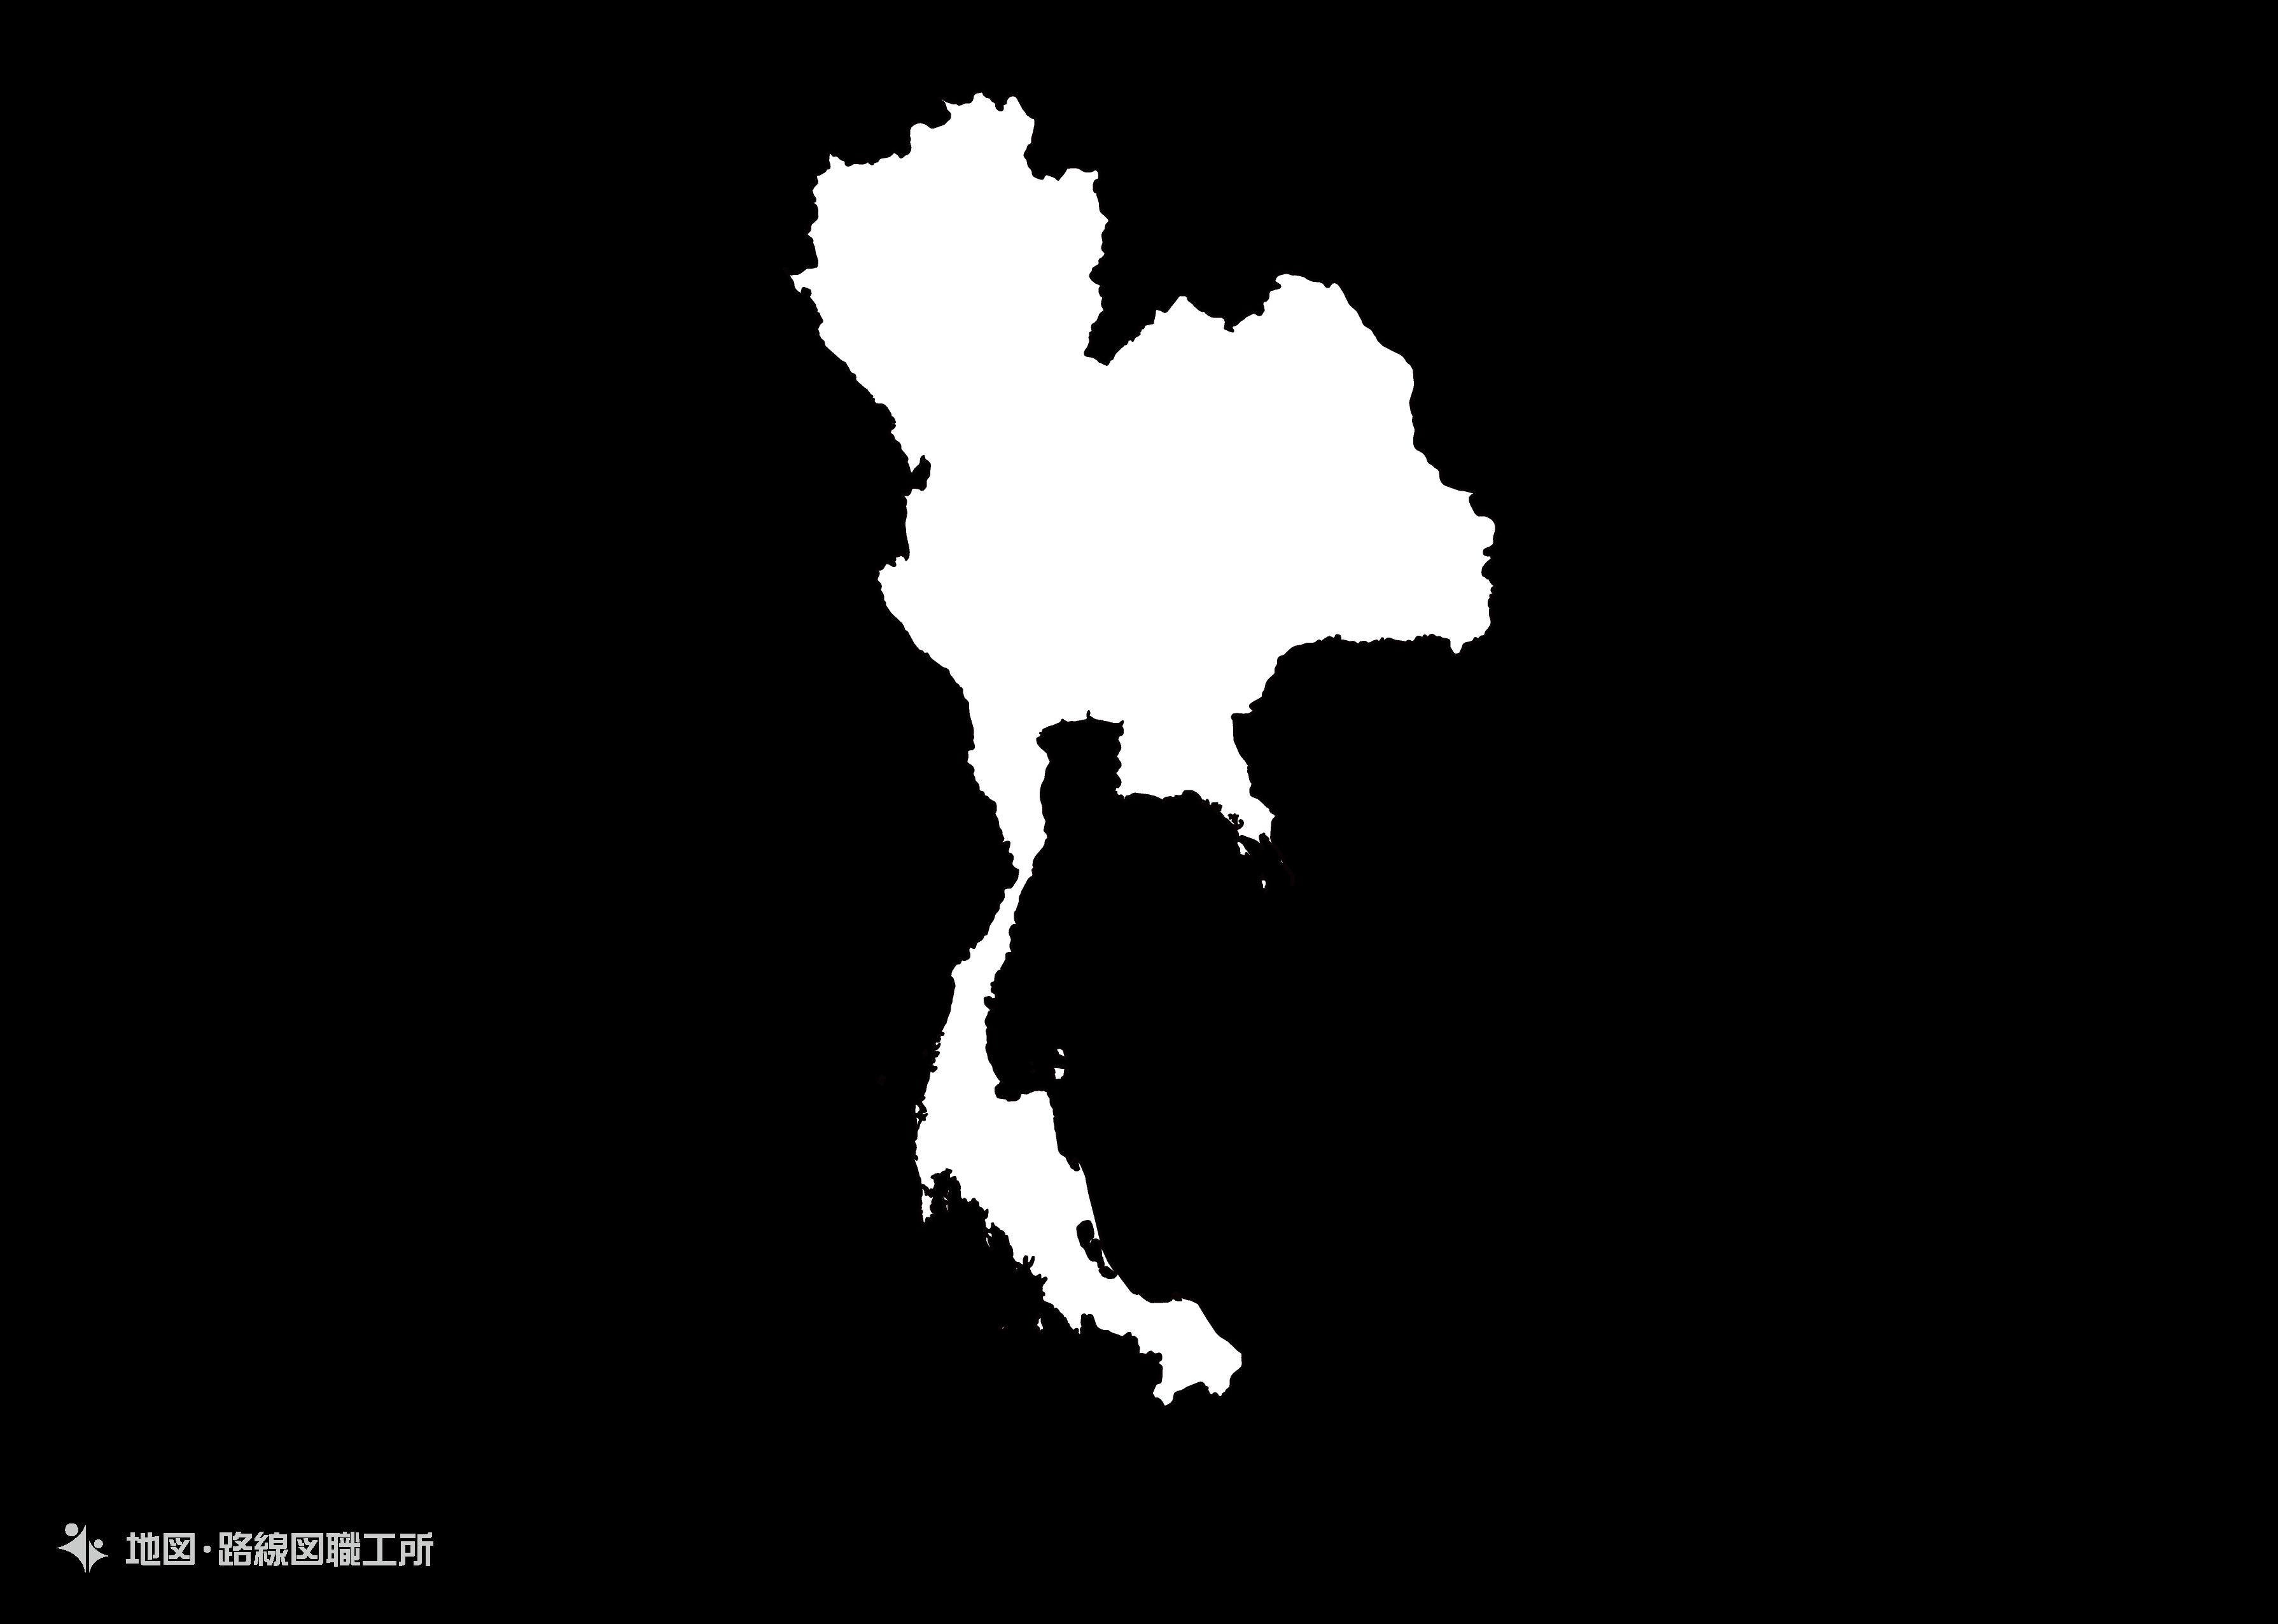 世界の白地図 タイ王国 kingdom-of-thailand map